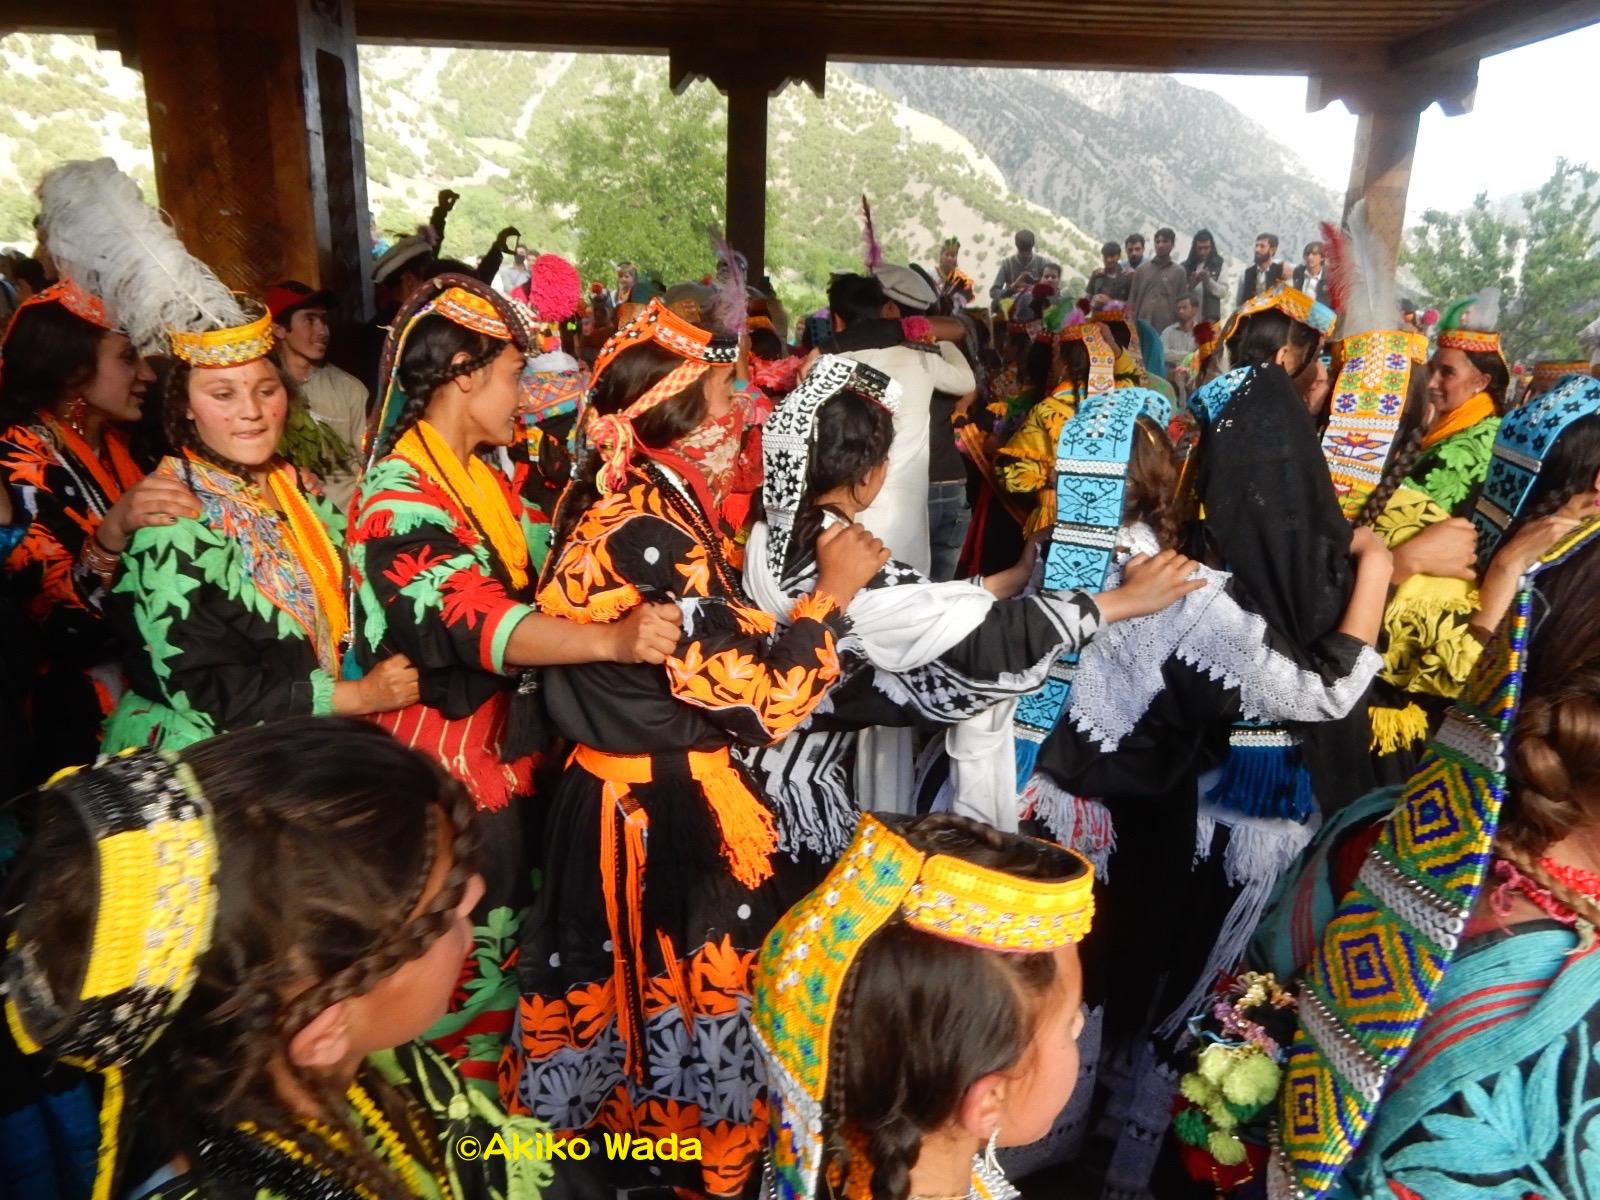 大ジョシの午後に繰り広げられる諸々の踊り。これは「ミウマウ婆さん」の踊り。